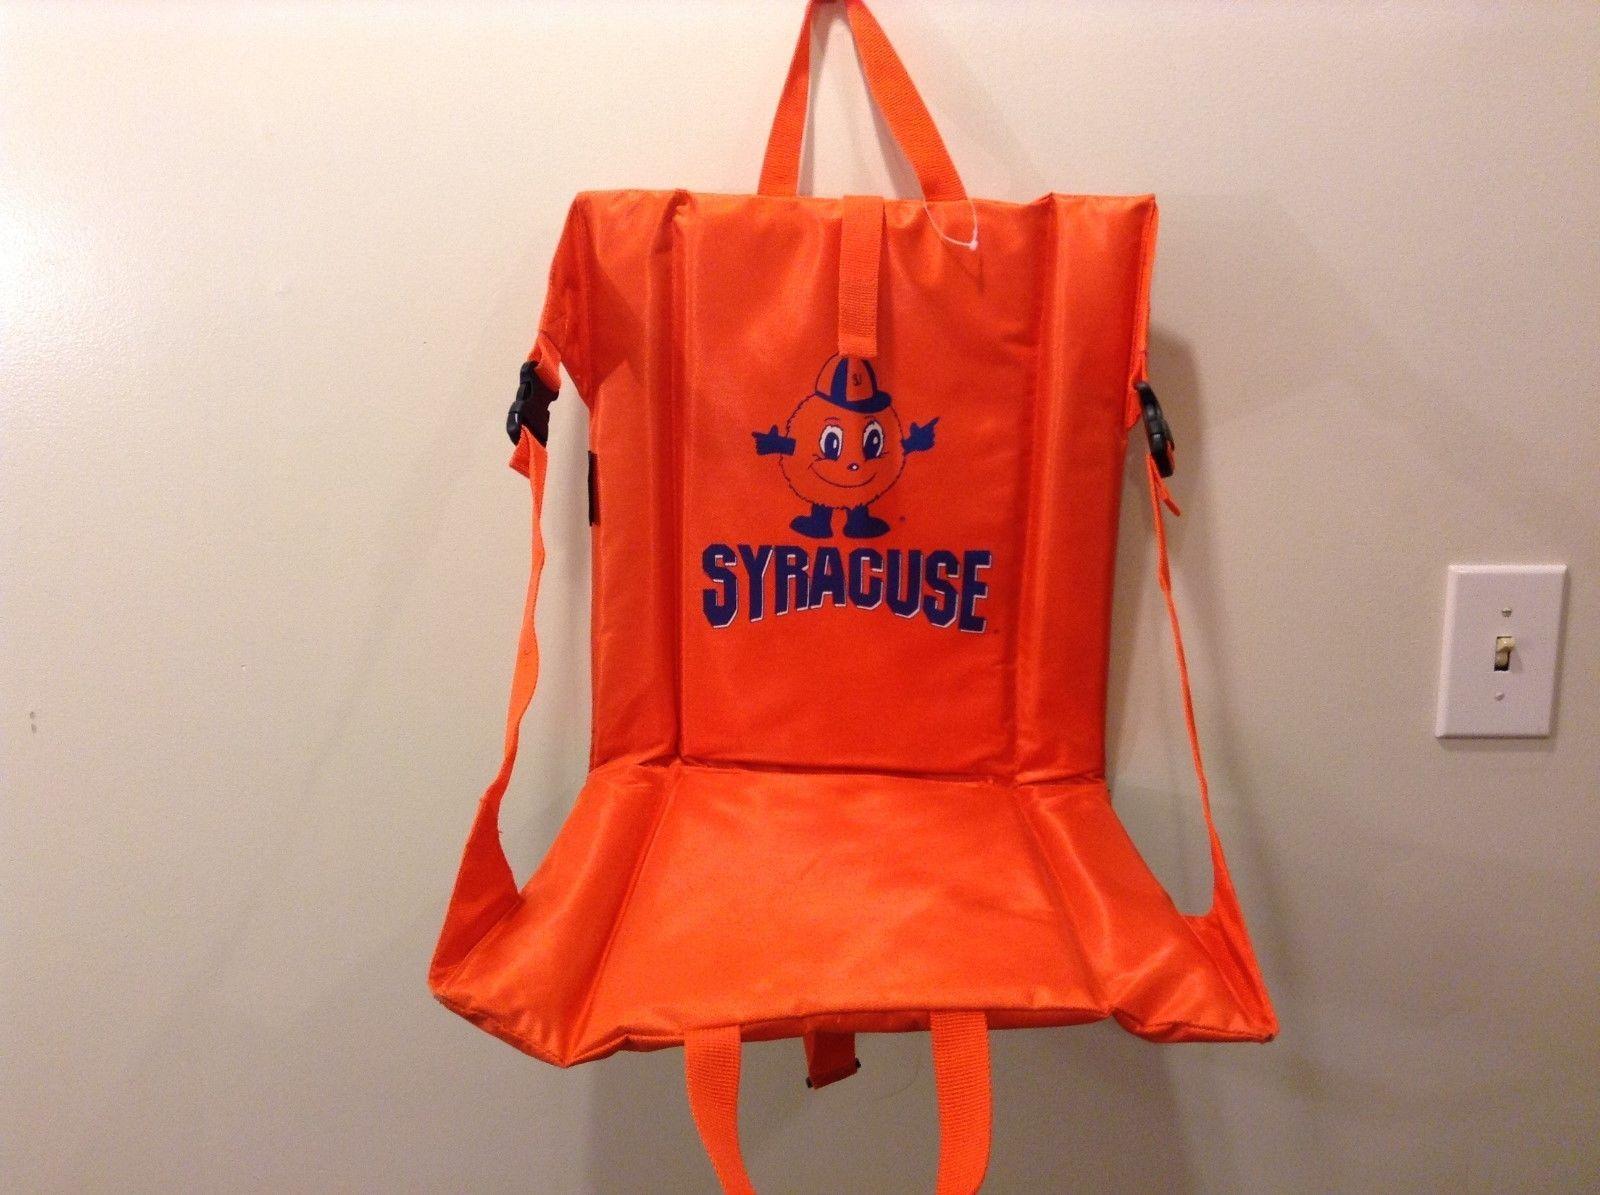 NEW Portable Orange Syracuse Padded Stadium or Picnic Seat